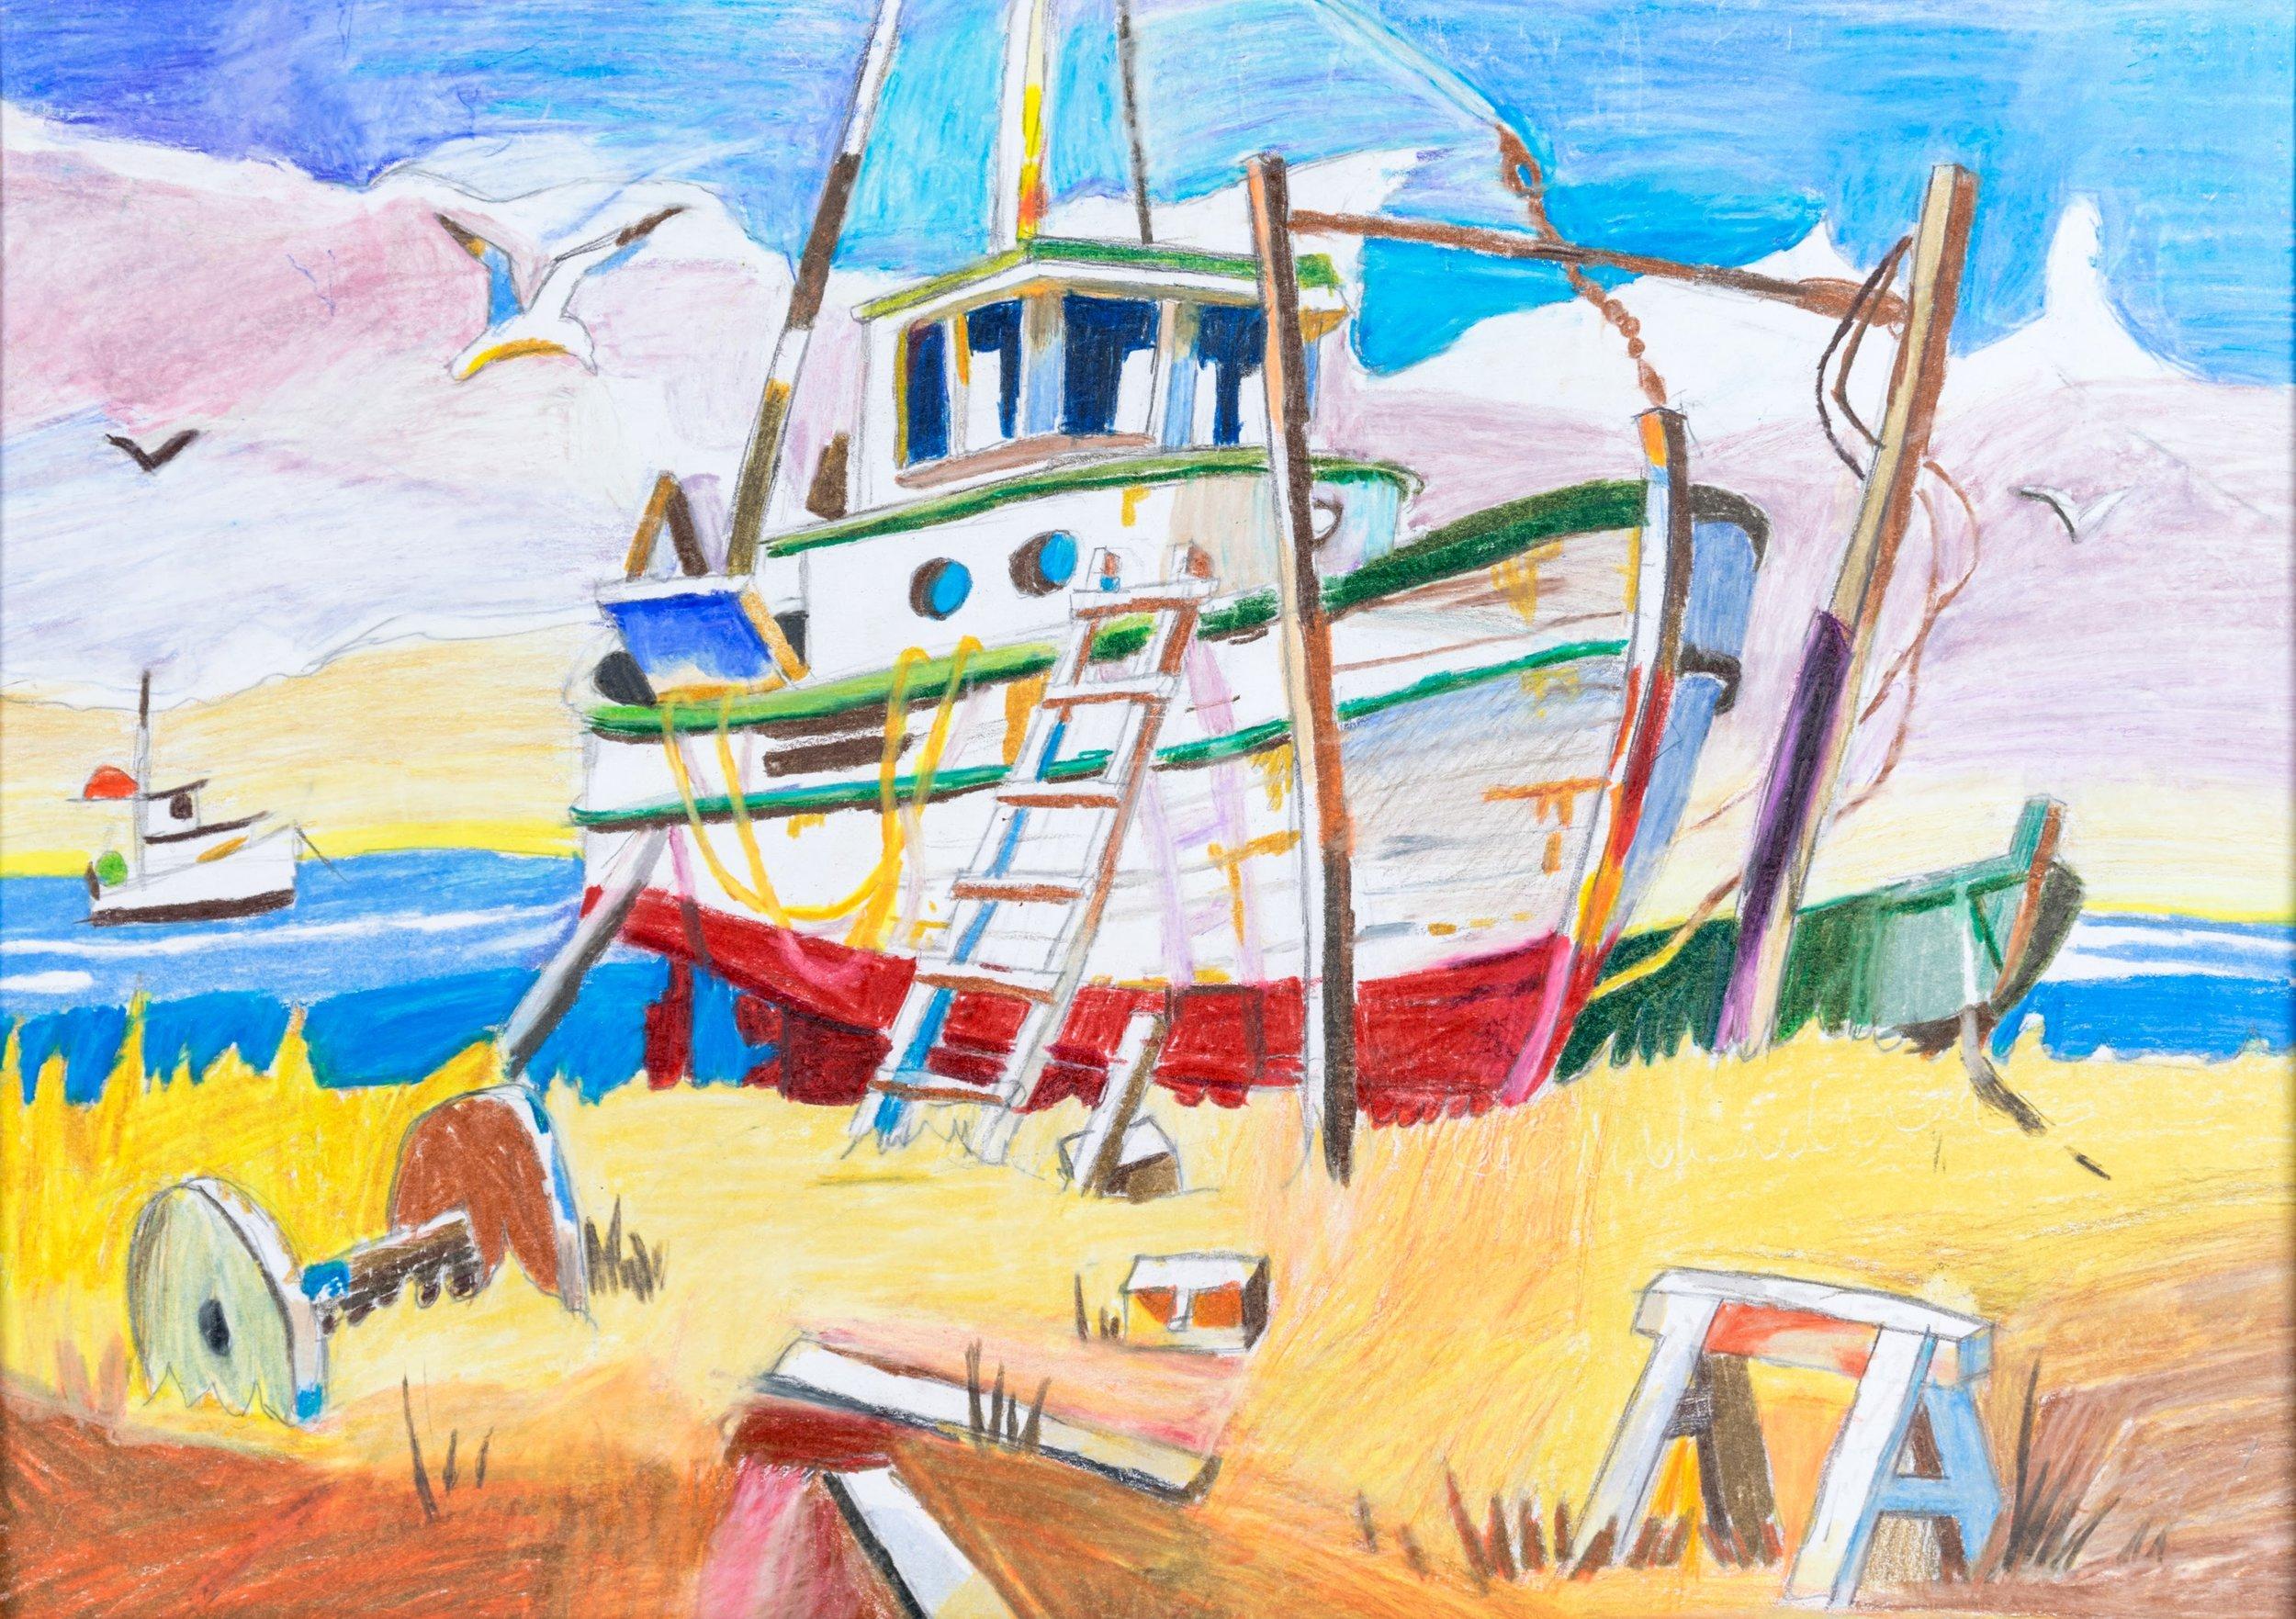 07-Alex_Wu-Shipwreck.jpg